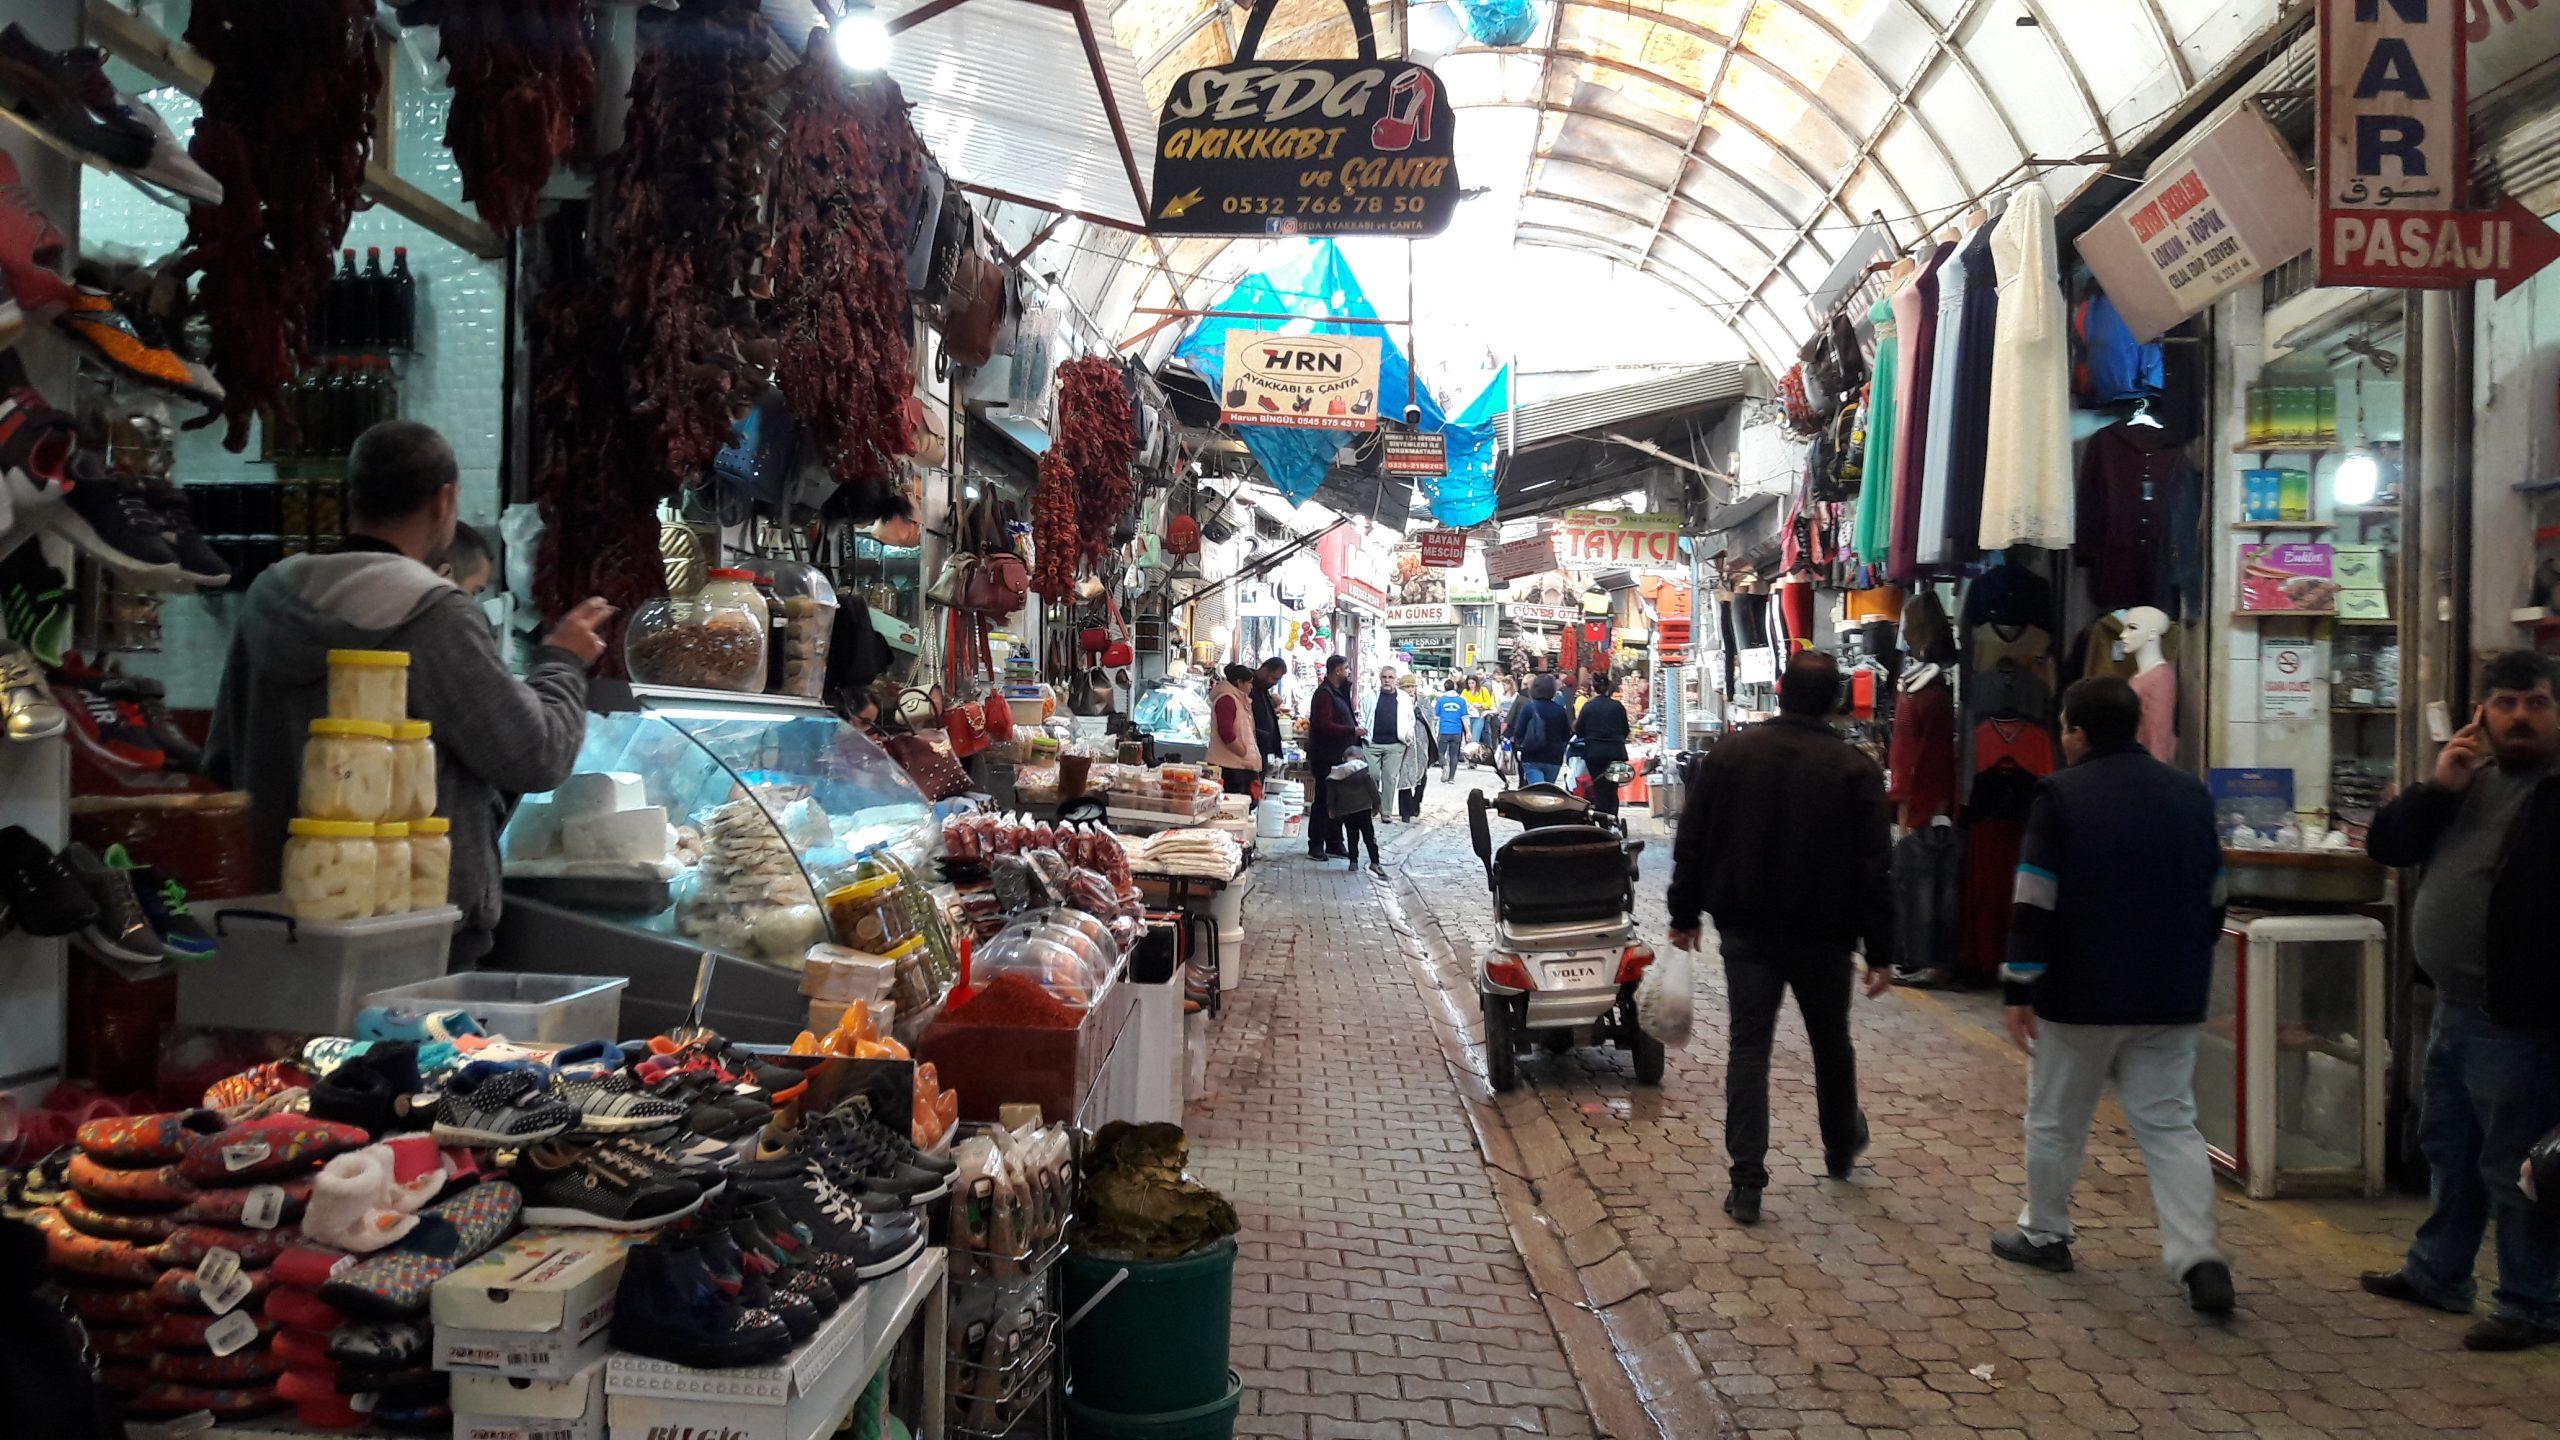 Antakya Uzun Çarşı... İşsizliğin kol gezdiği şehirde erkekler Arap ülkelerine işçi olarak gitmek zorunda kalıyor.